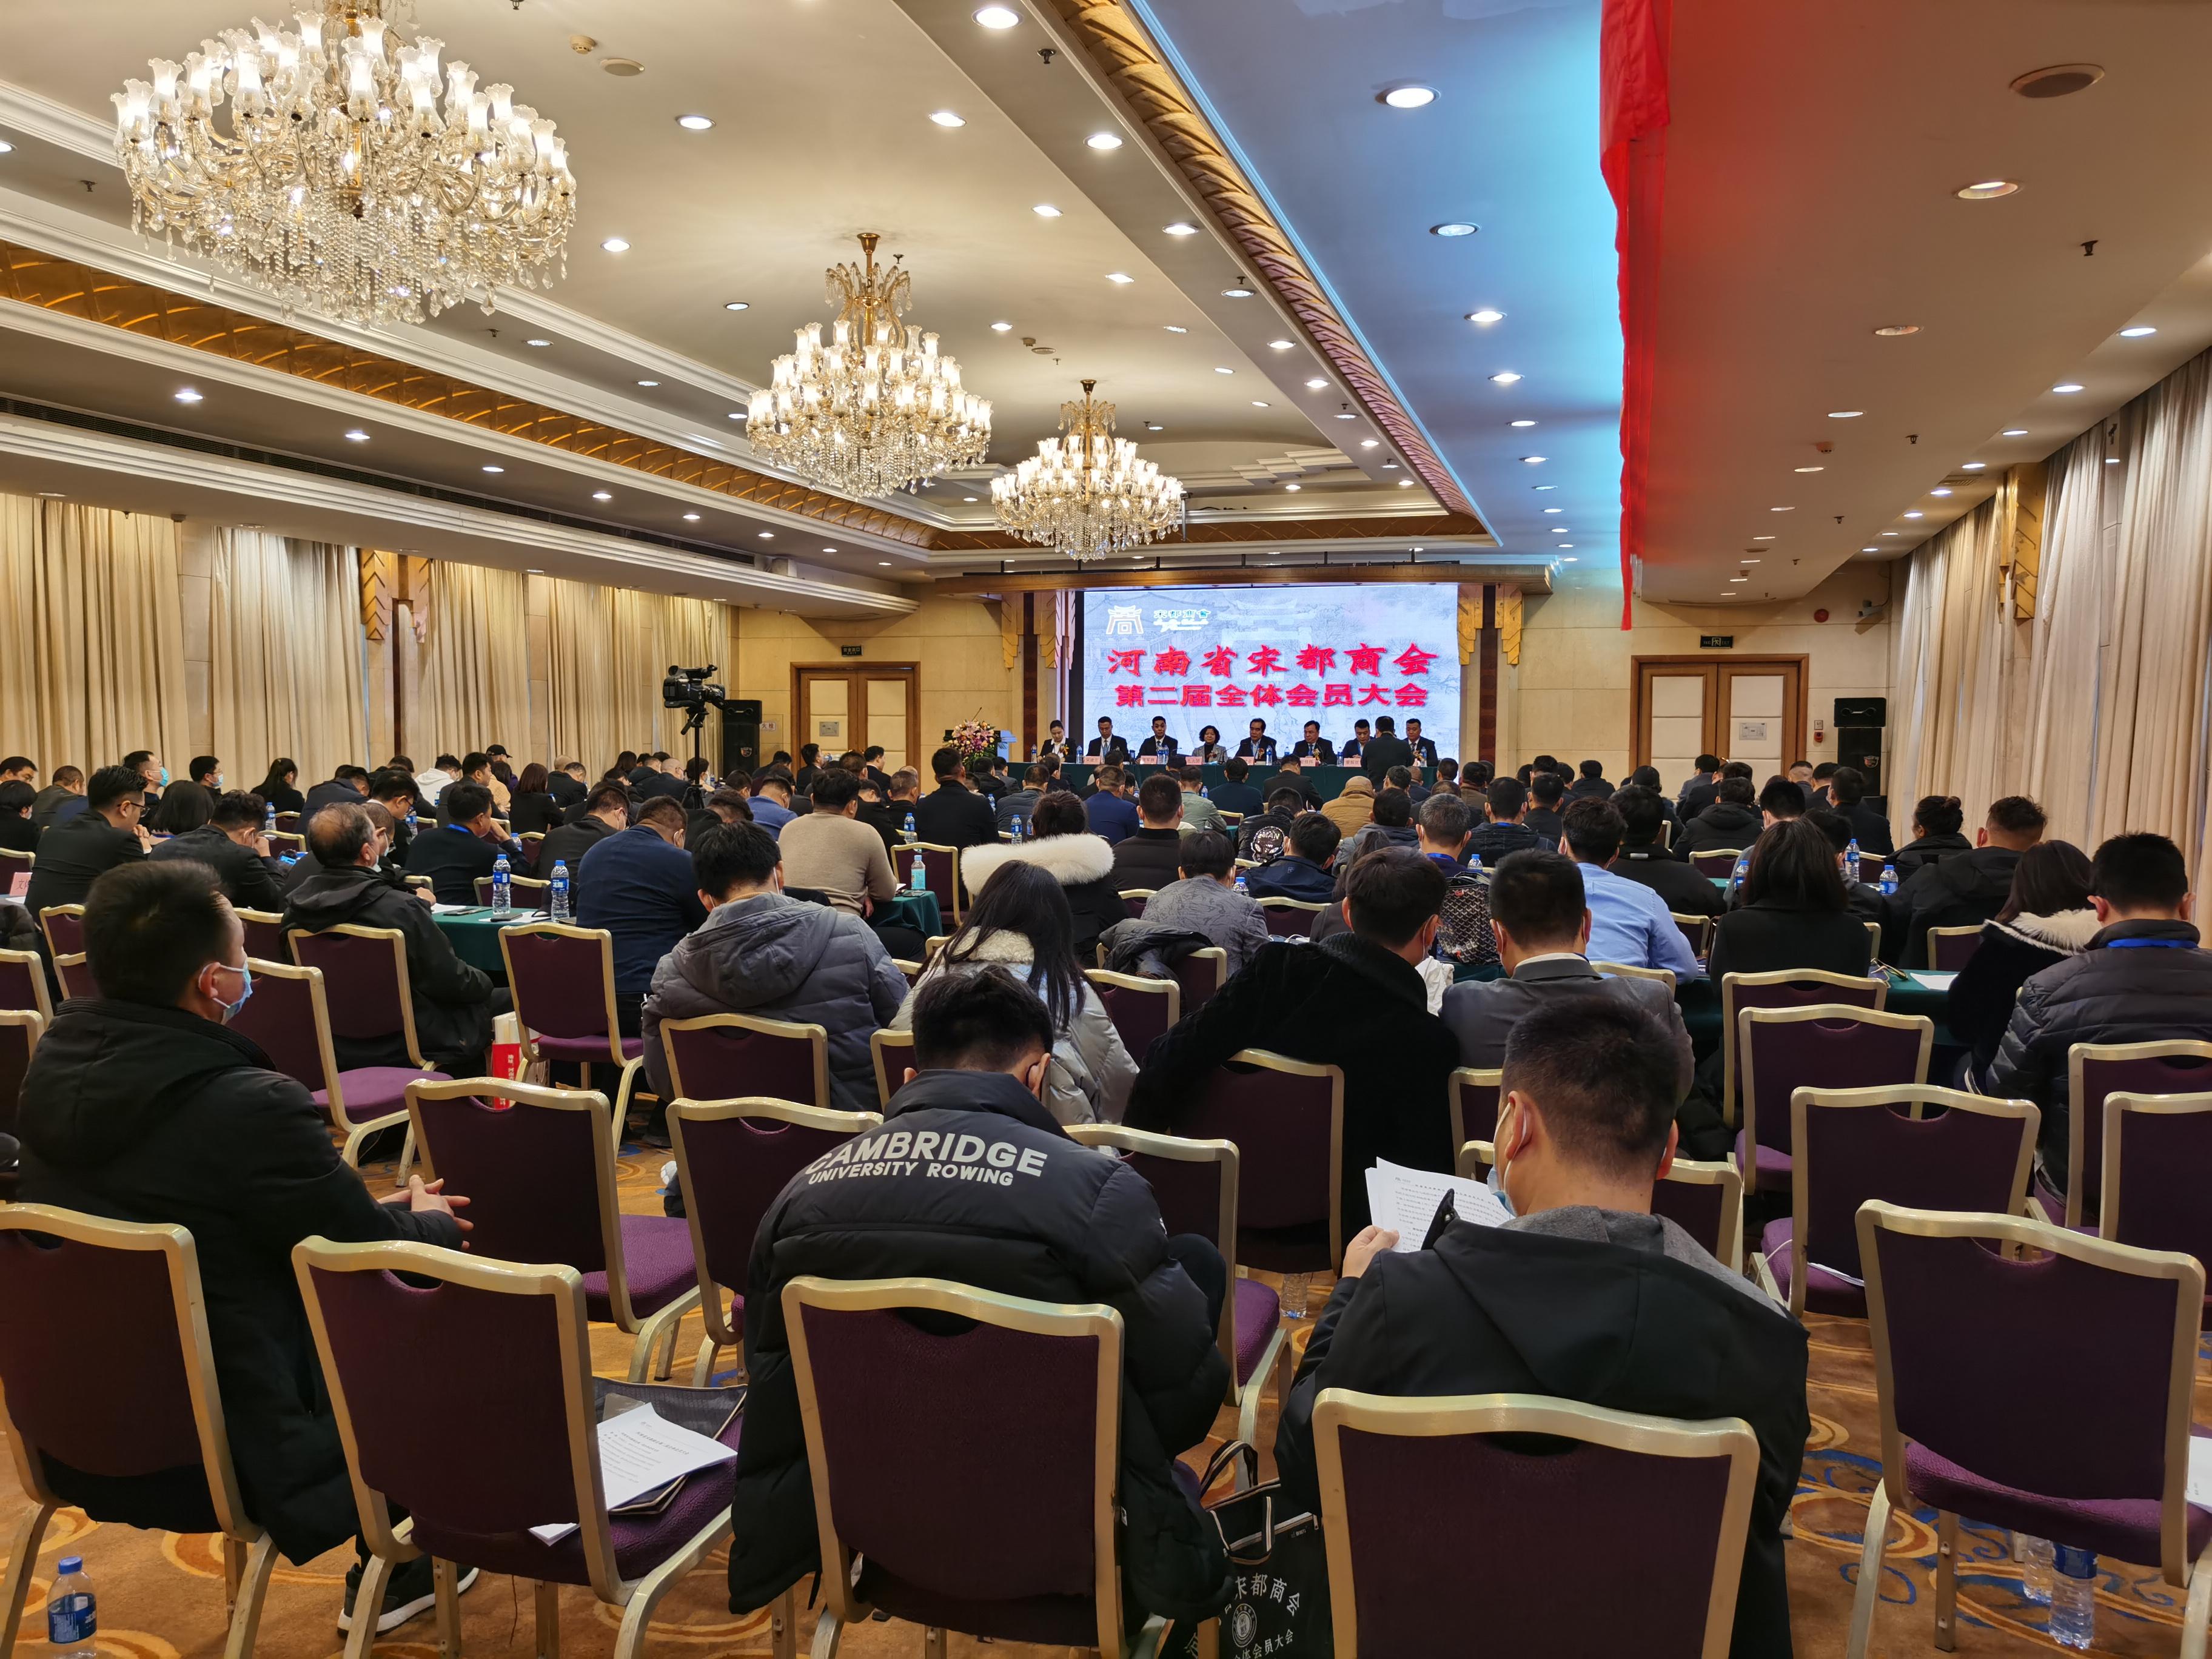 河南省宋都商会第二届全体会员大会暨换届选举大会圆满召开